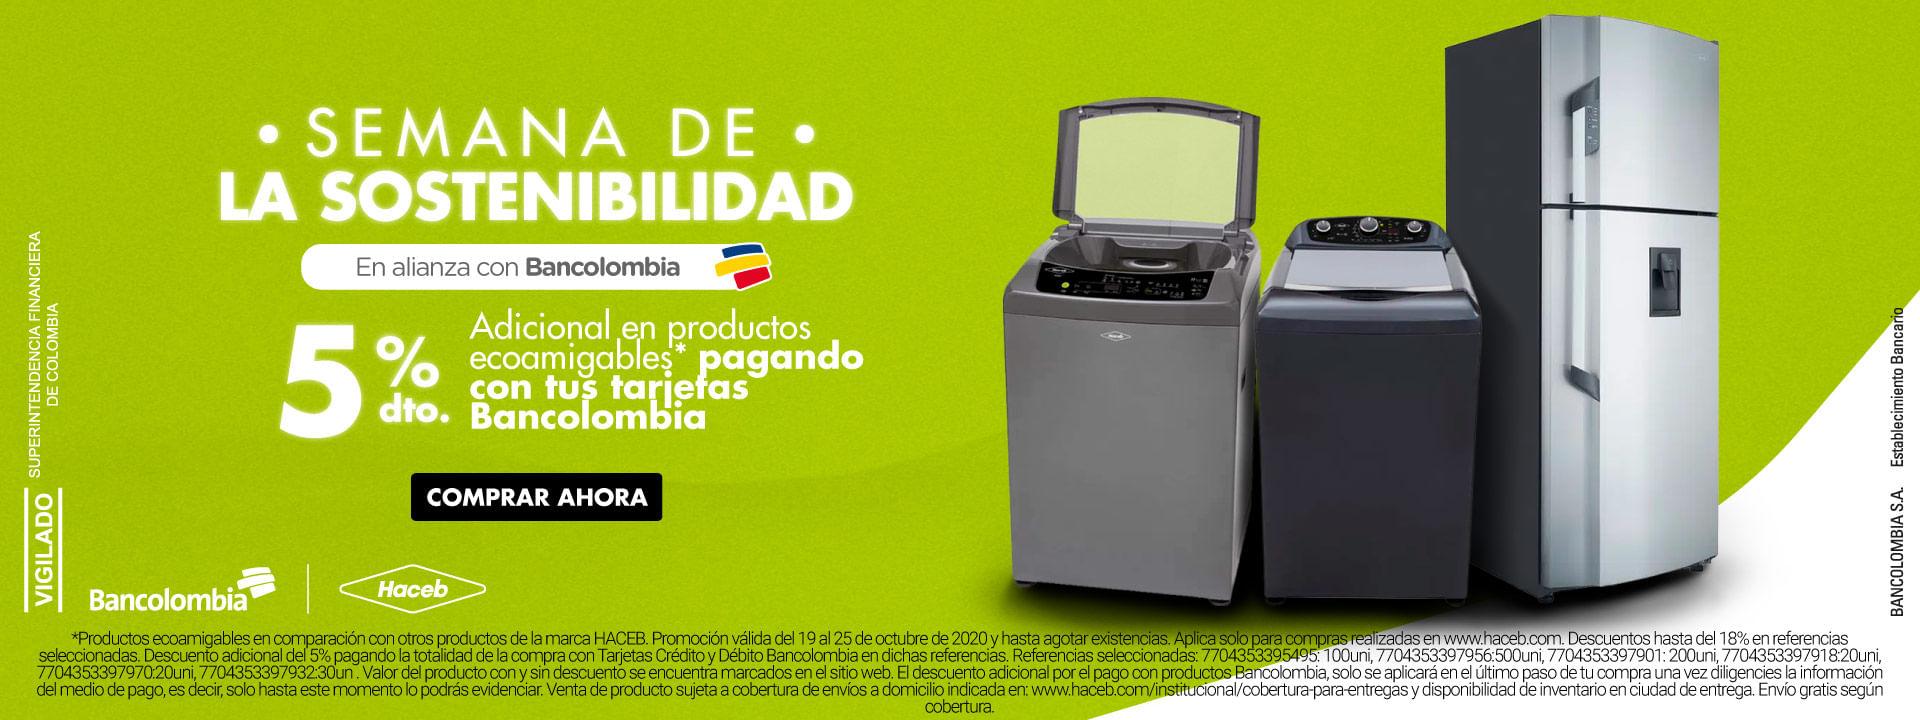 Campaña Bancolombia